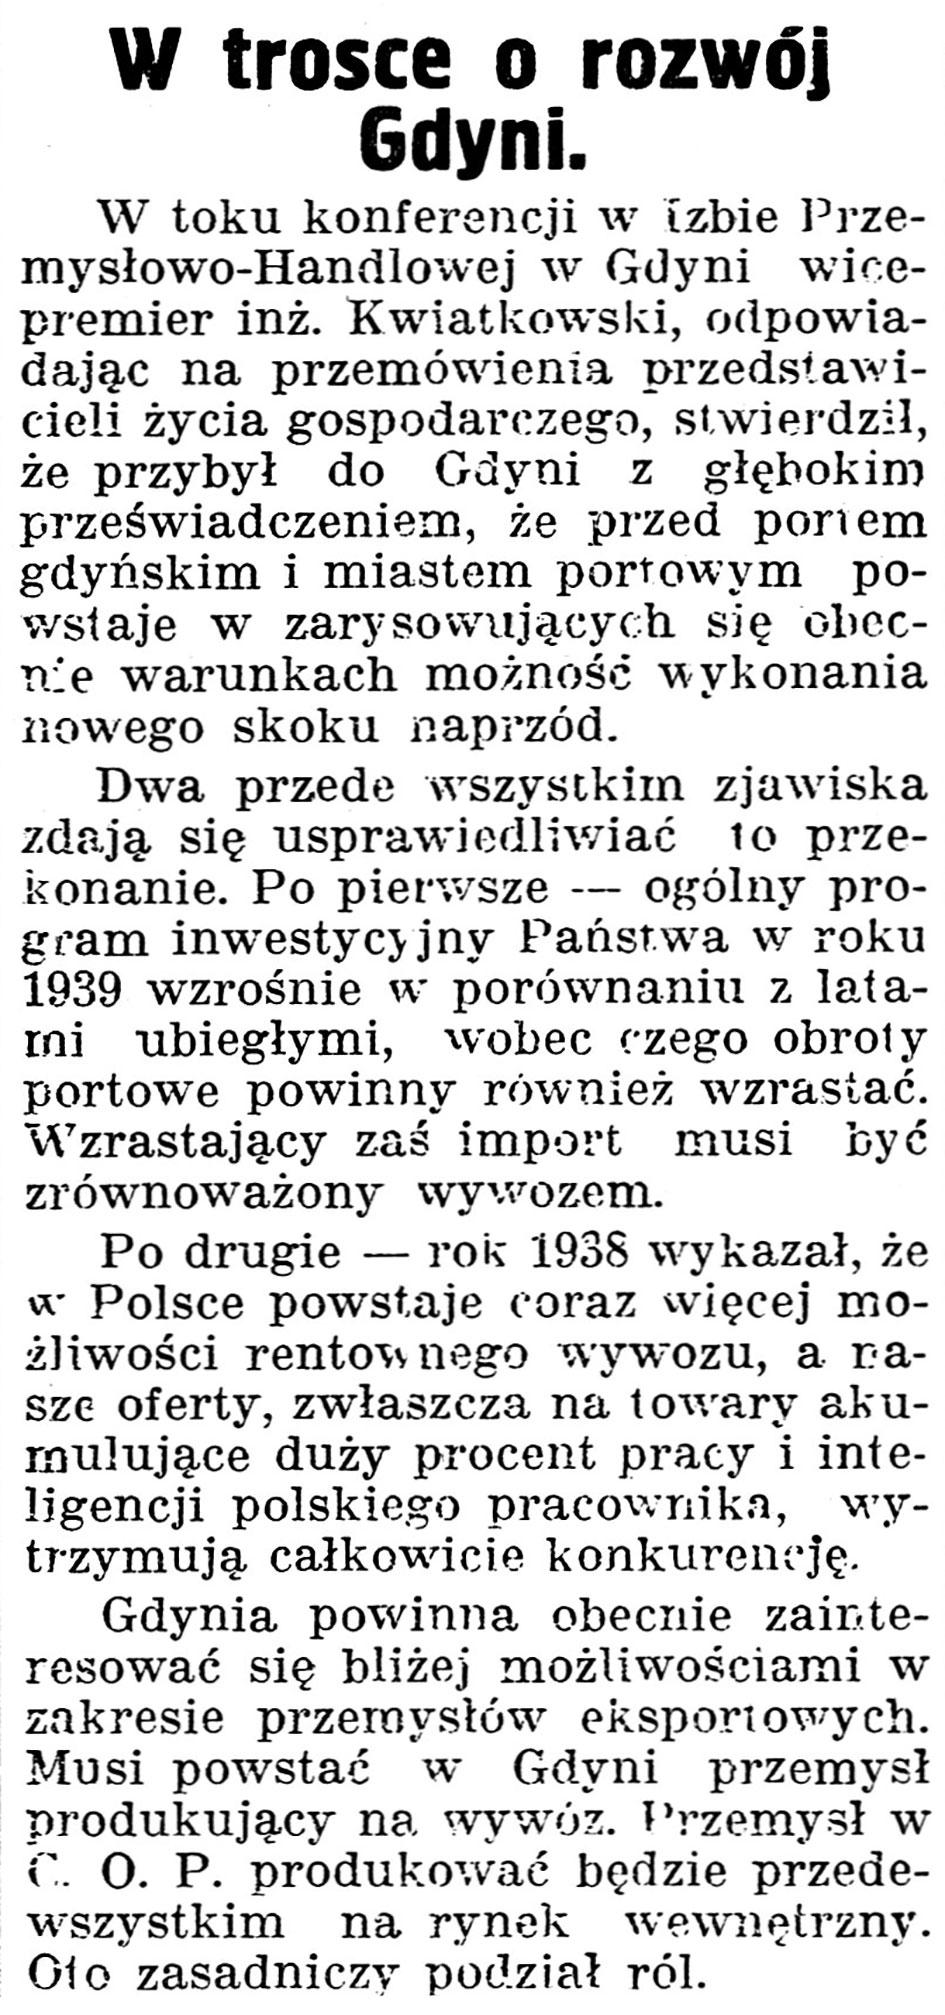 W trosce o rozwój Gdyni // Gazeta Kartuska. - 1939, nr 43, s. 2